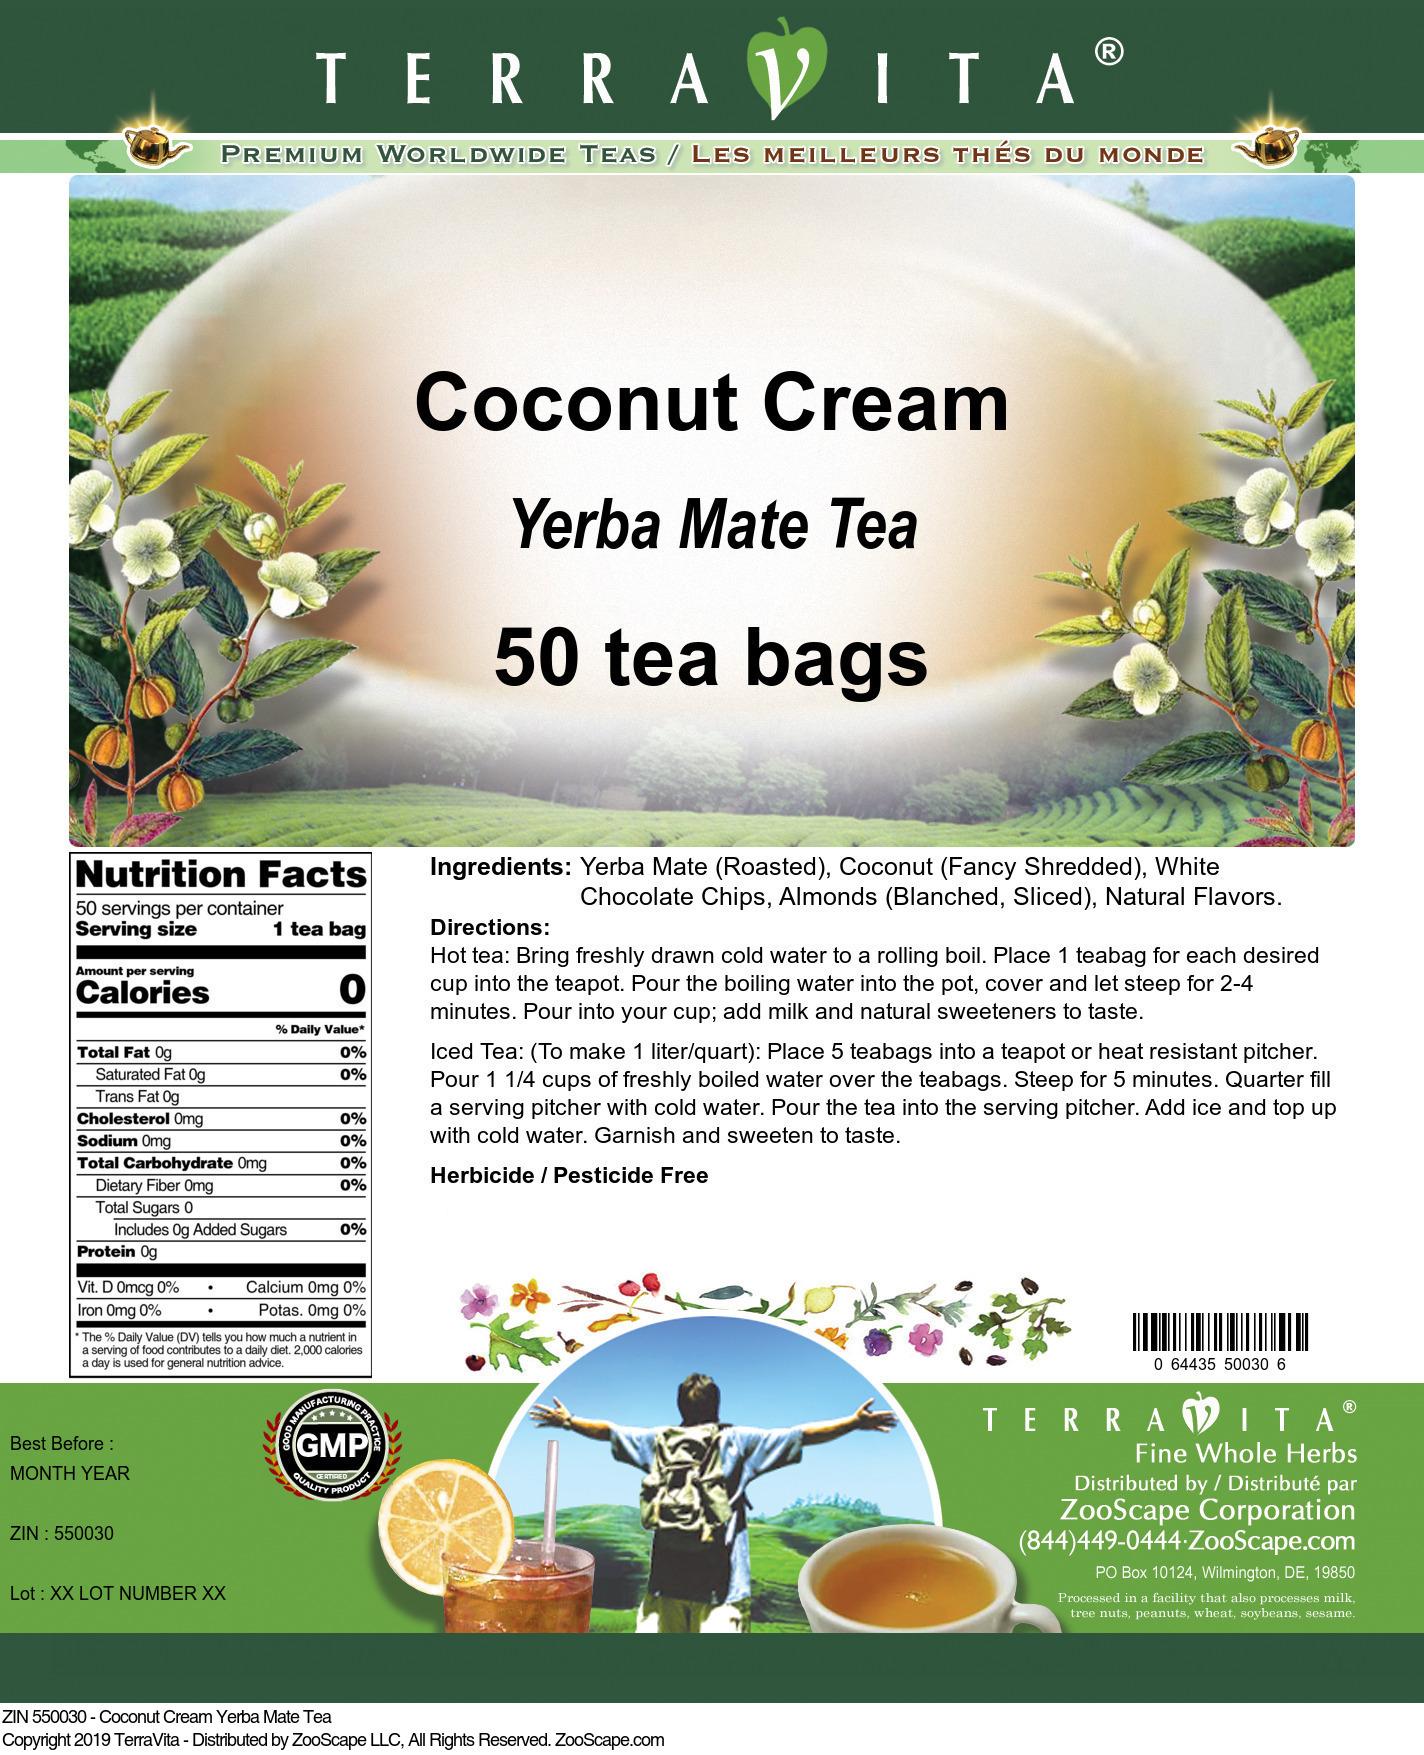 Coconut Cream Yerba Mate Tea